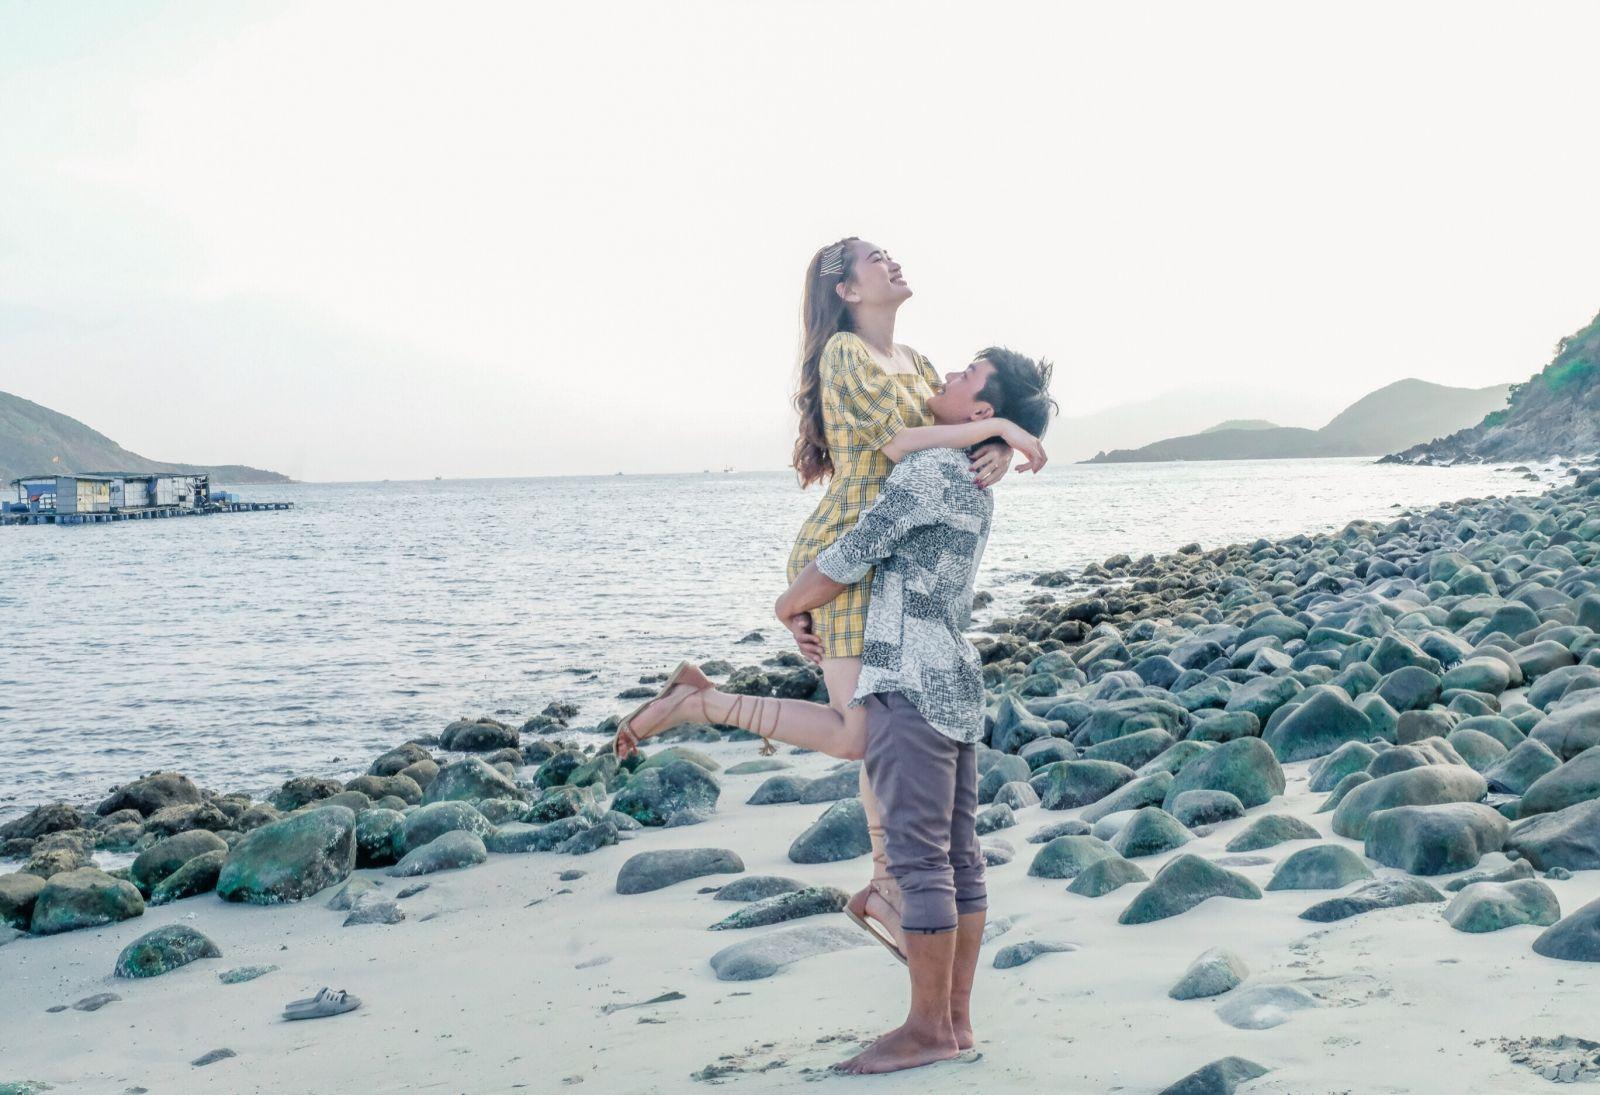 Tour khám phá Đảo Tình Yêu tự túc F2 - ảnh 3